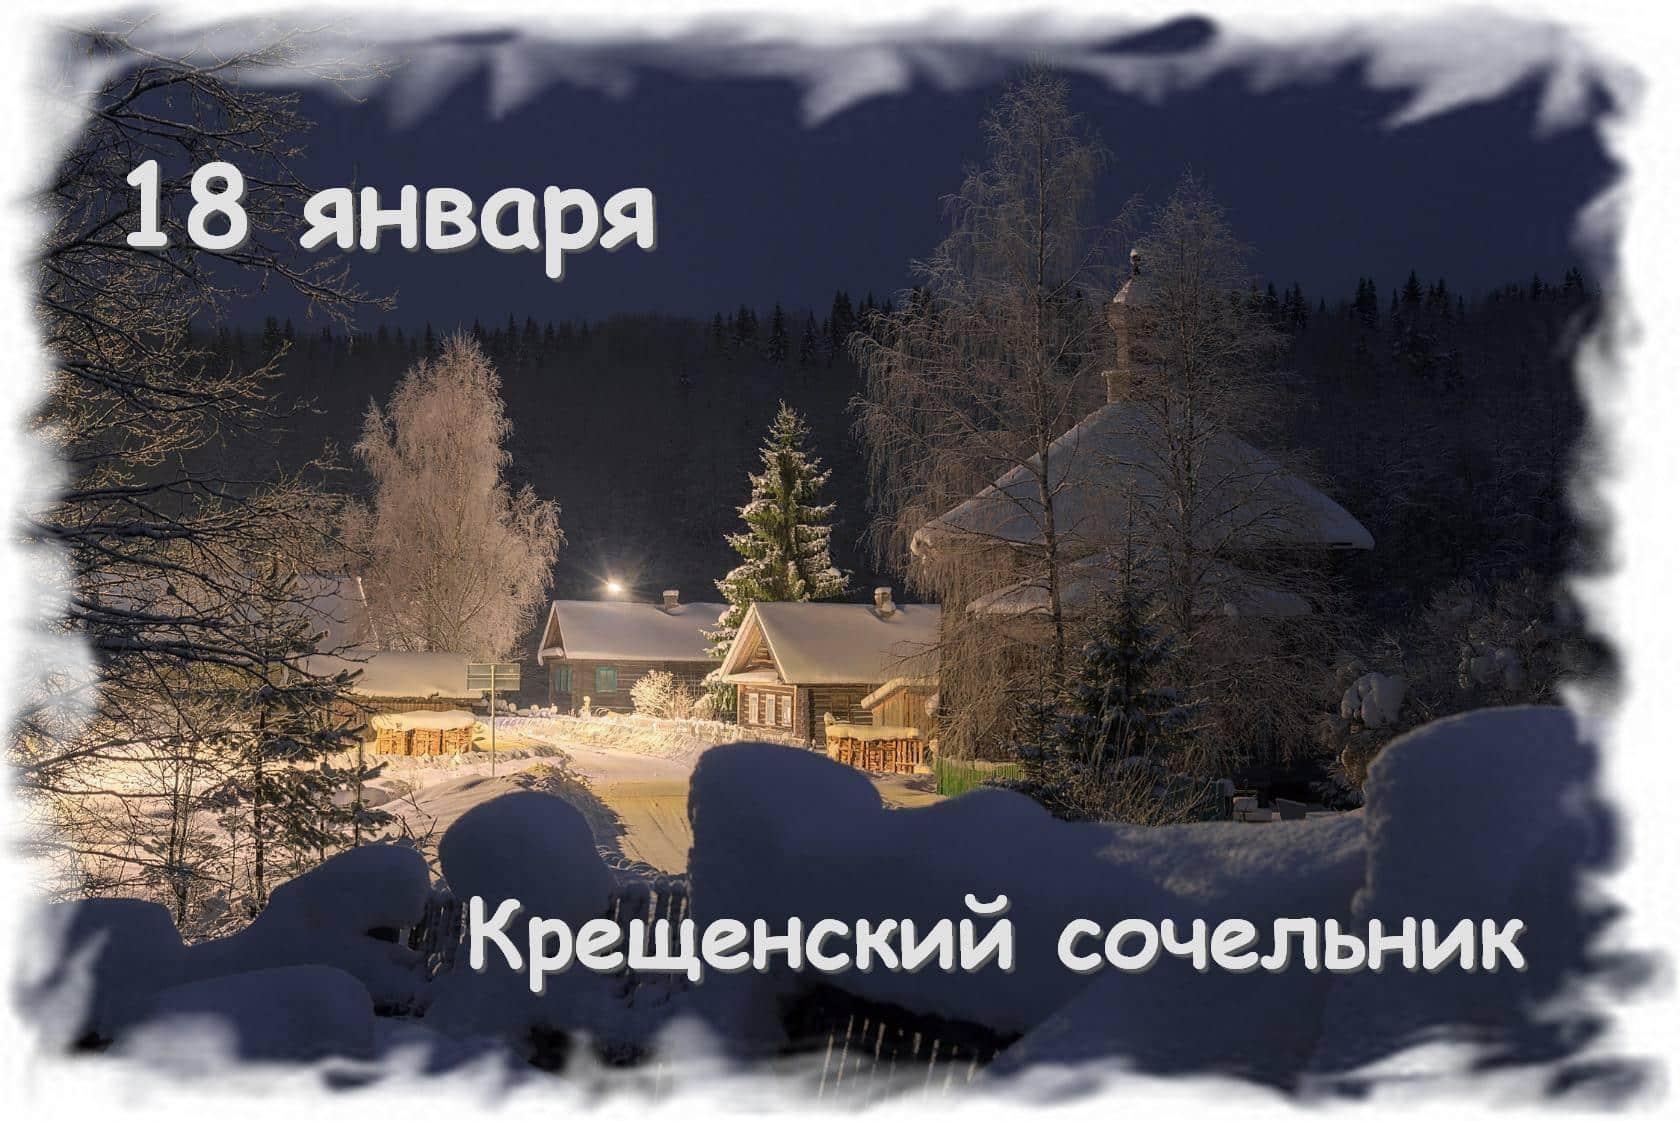 Какой церковный праздник сегодня 18 января 2021 чтят православные: Крещенский сочельник отмечают 18.01.2021